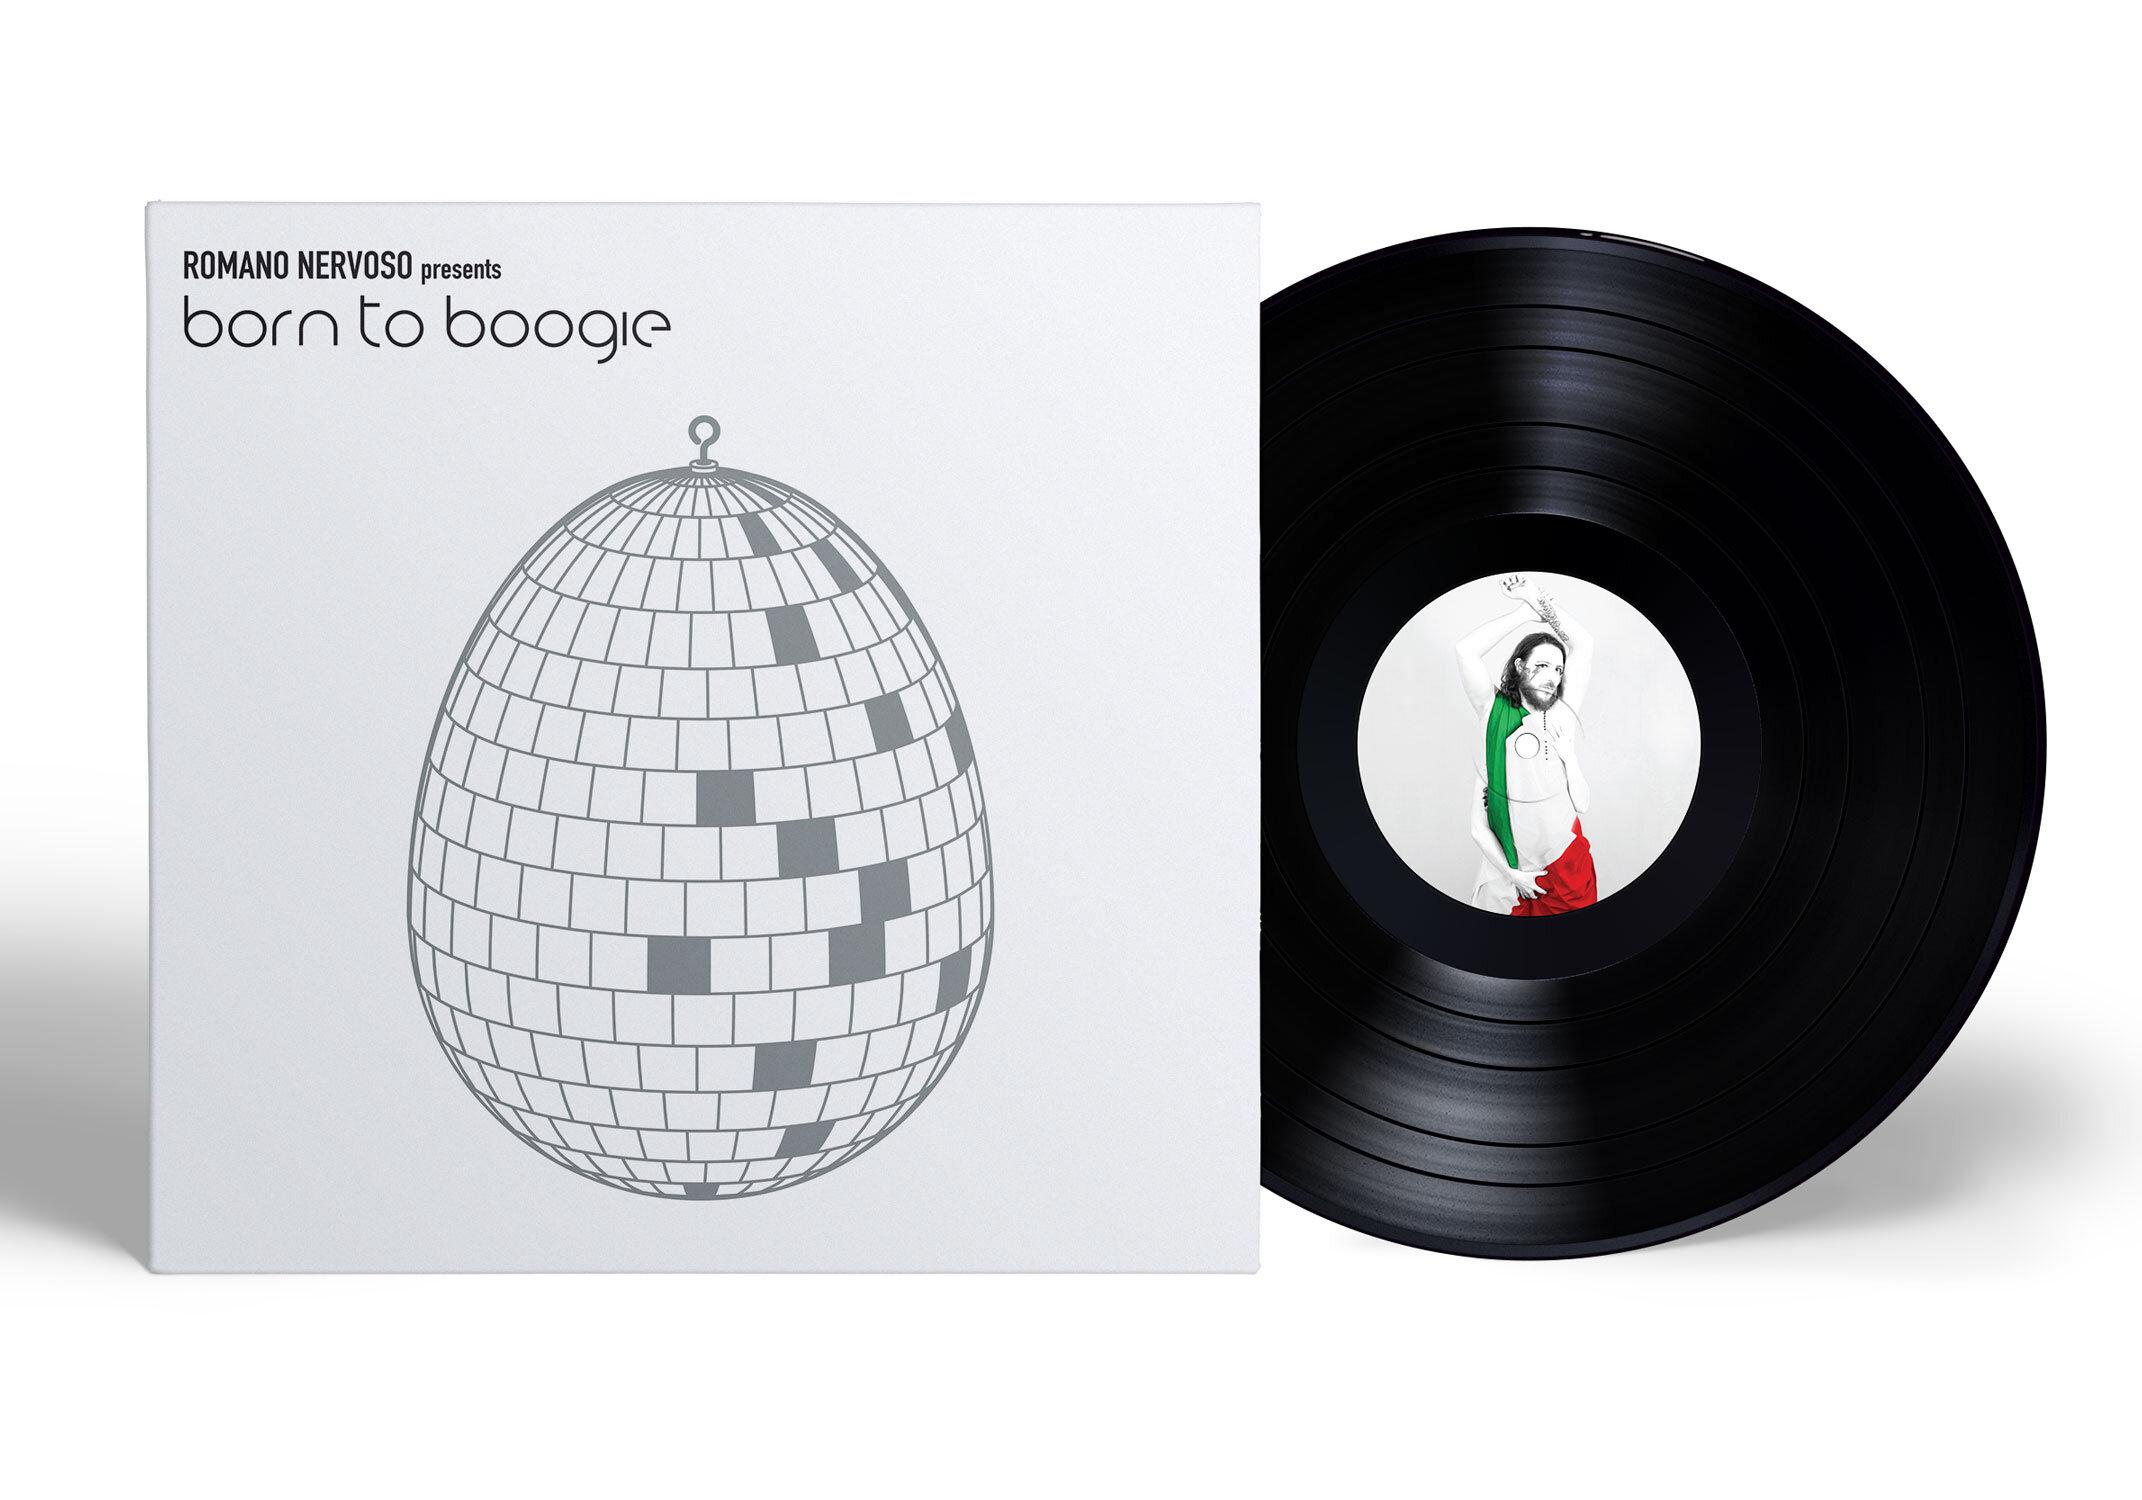 rn-boogie_vinyl-duo-front.jpg